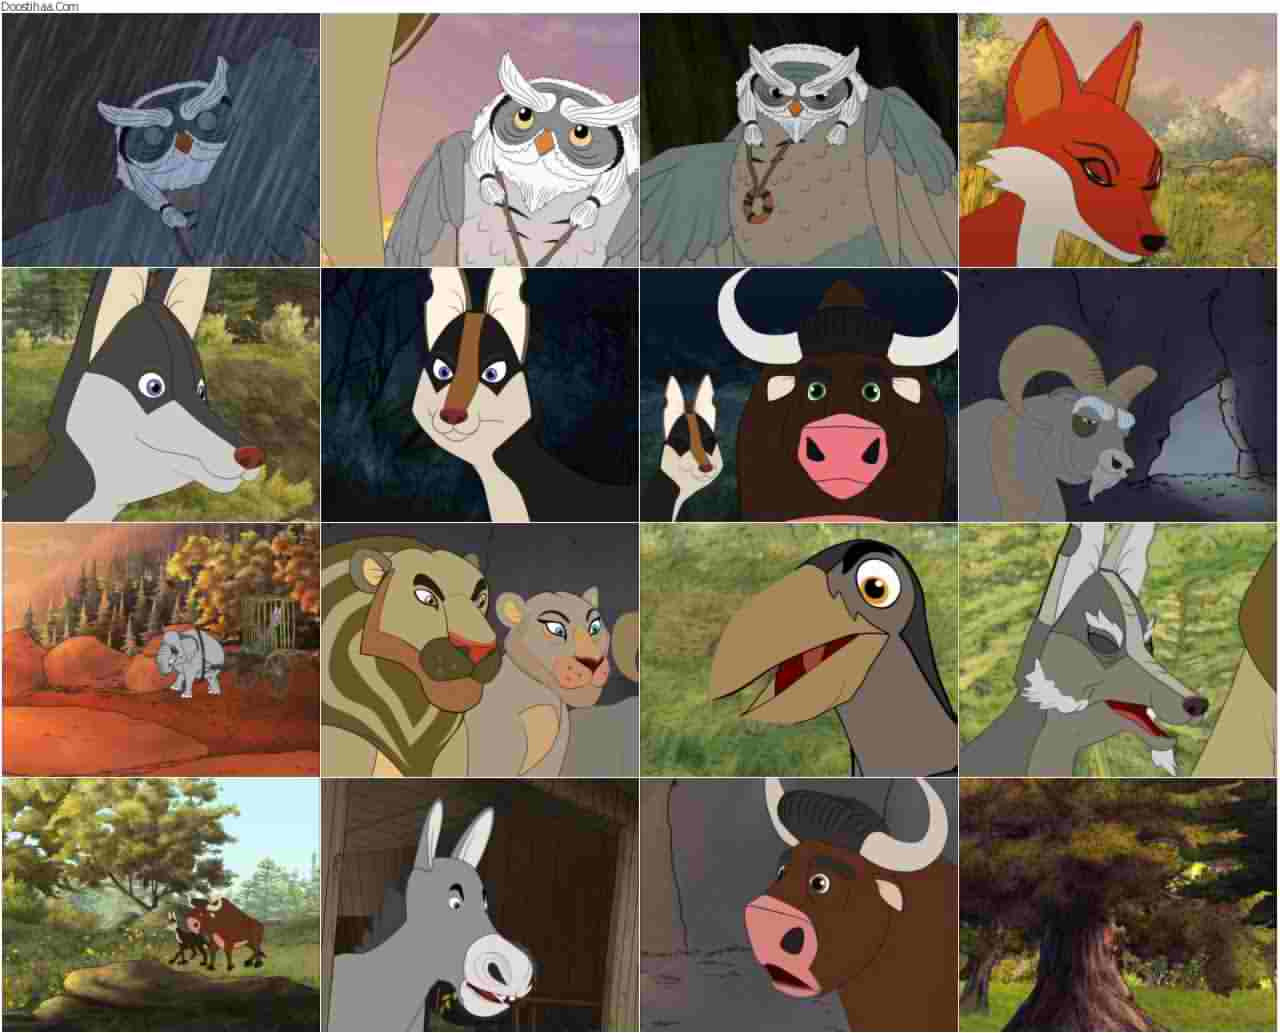 تصاویر انیمیشن کلیله و دمنه